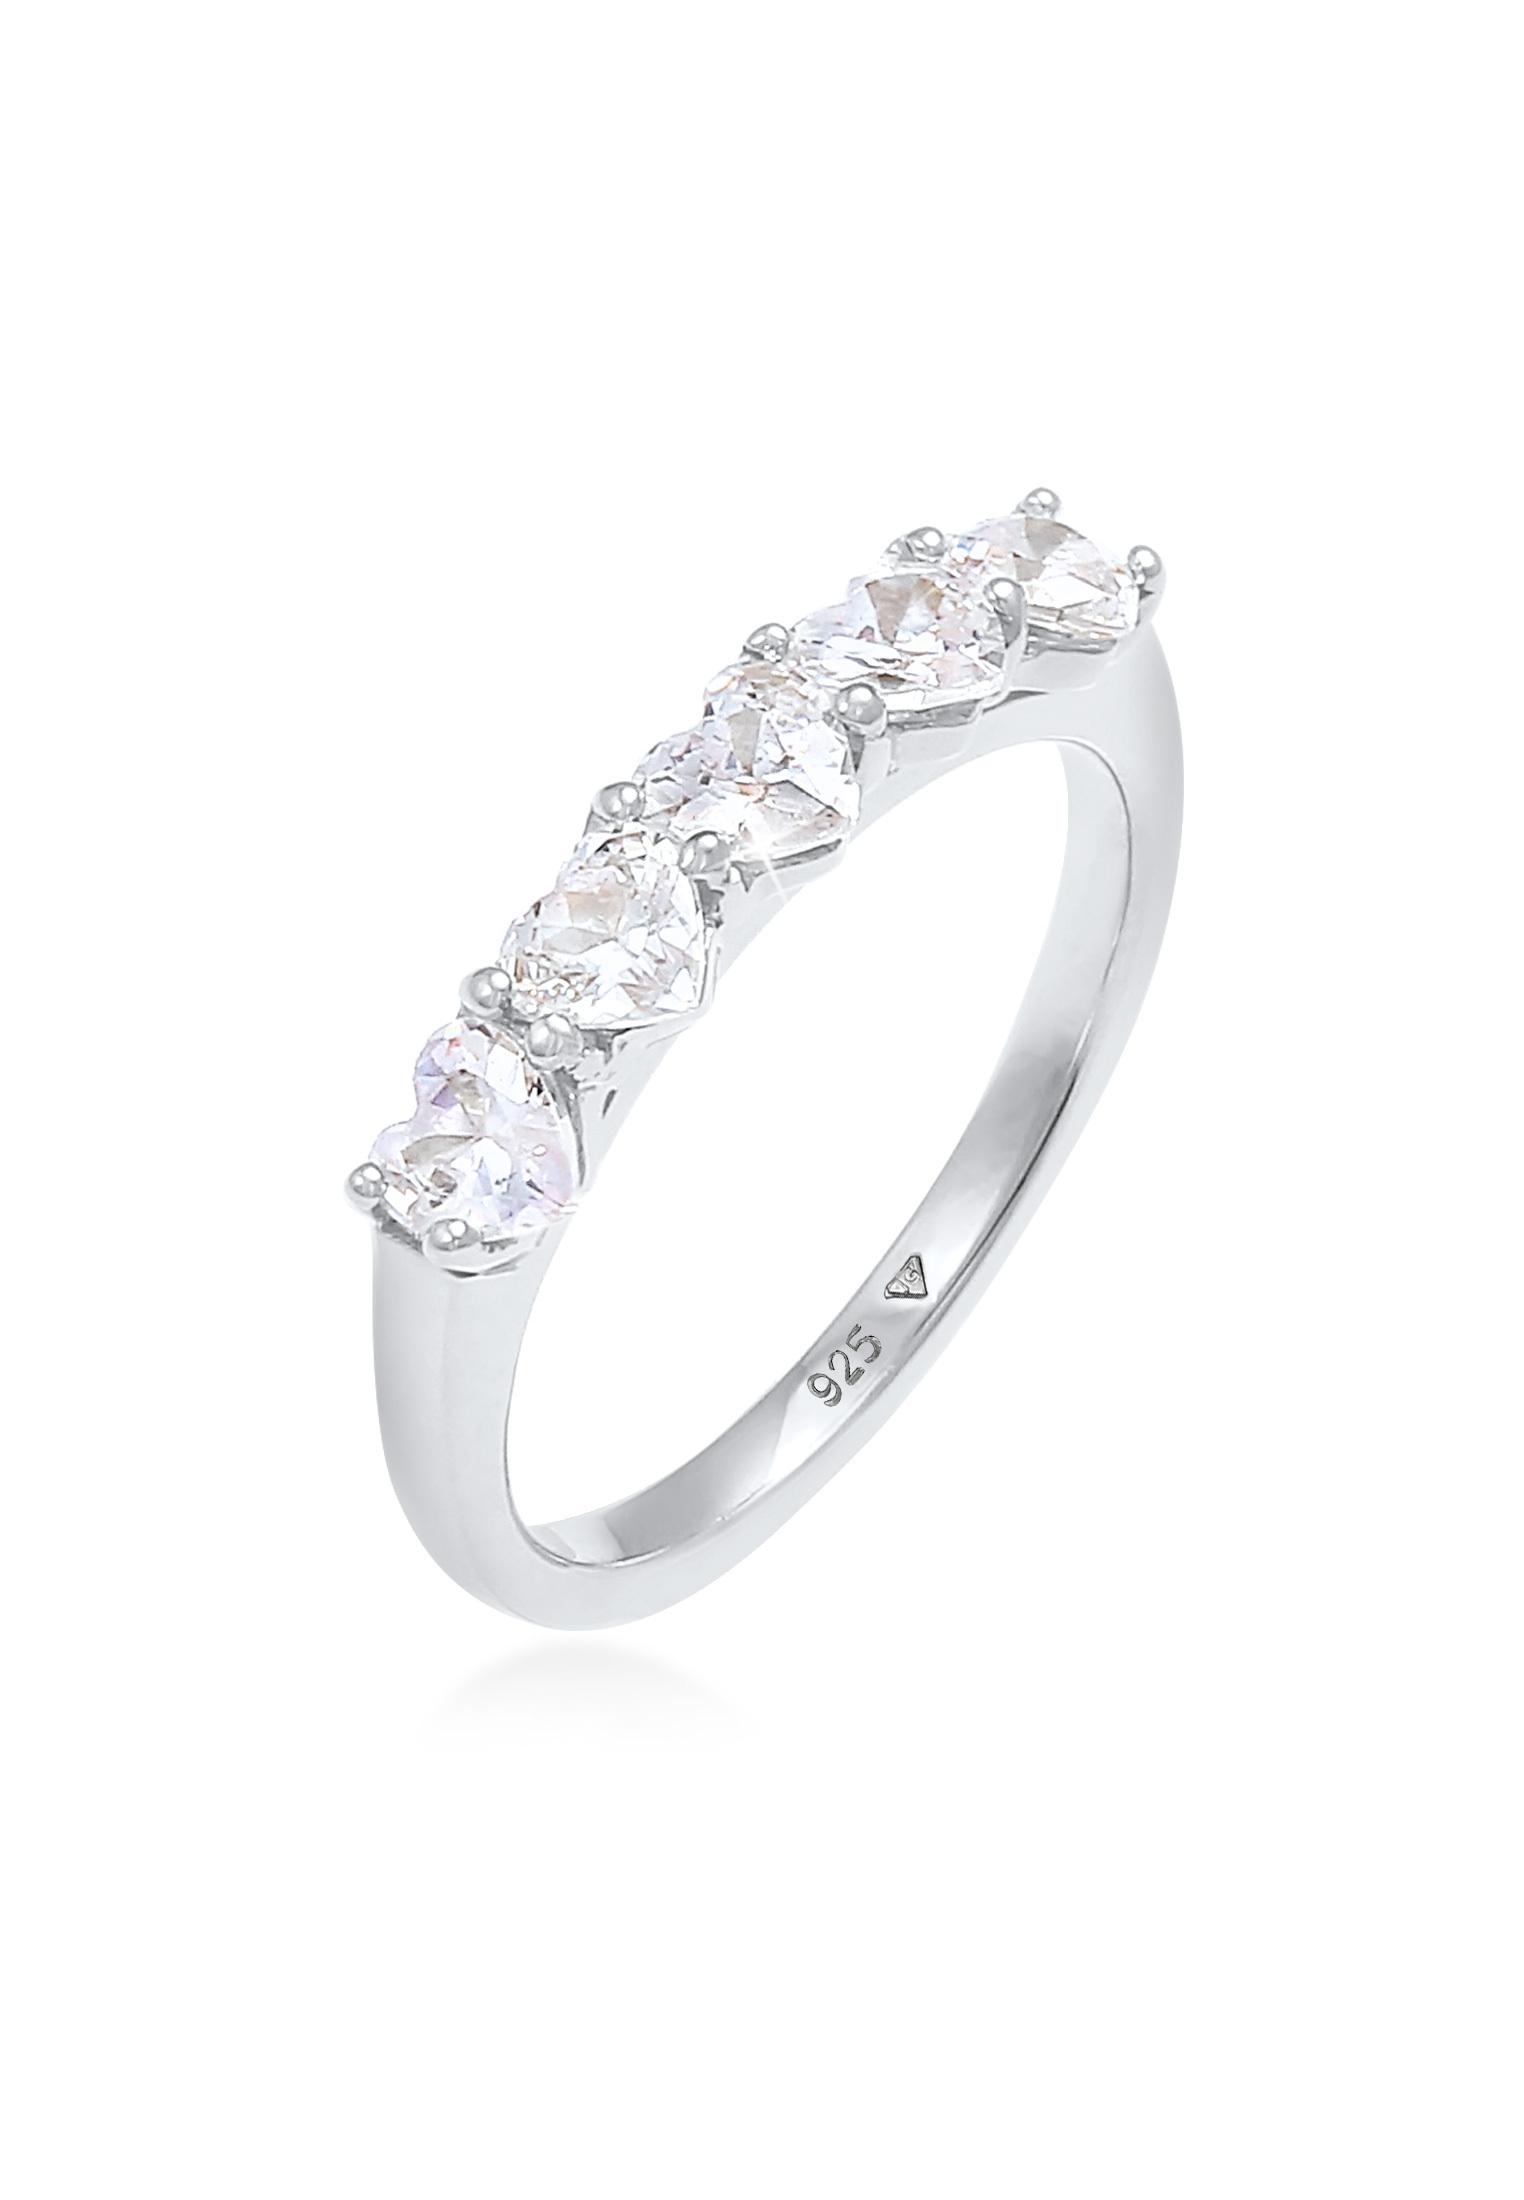 Ring Herz   Zirkonia ( Weiß )   925er Sterling Silber